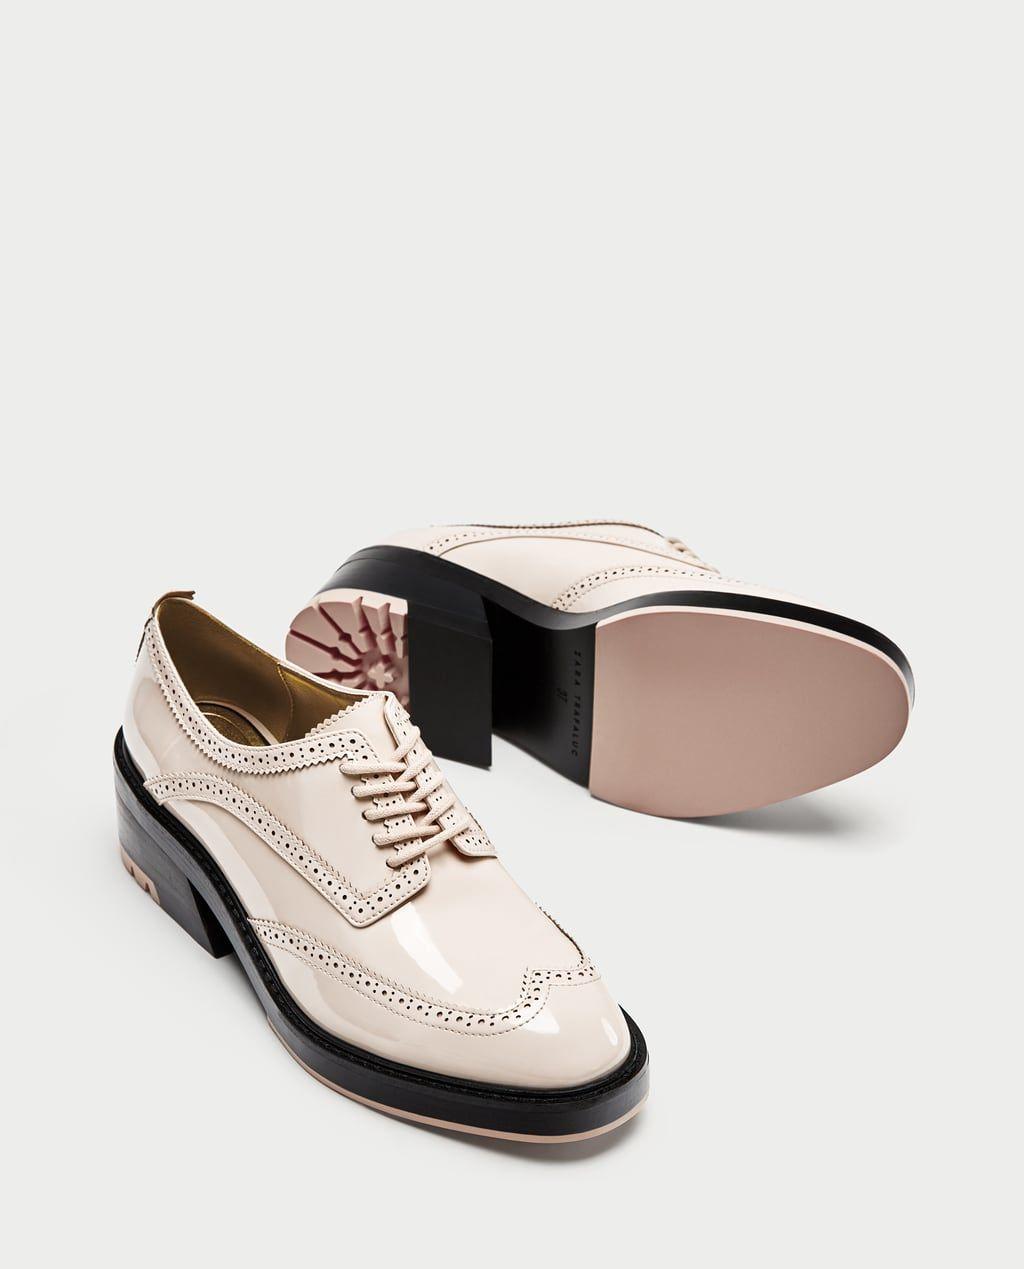 Mujer Pantuflas Bajas Casual Casual Bajas Sin Cordones Tachuela Zapato Oxford metálico 3d22ae